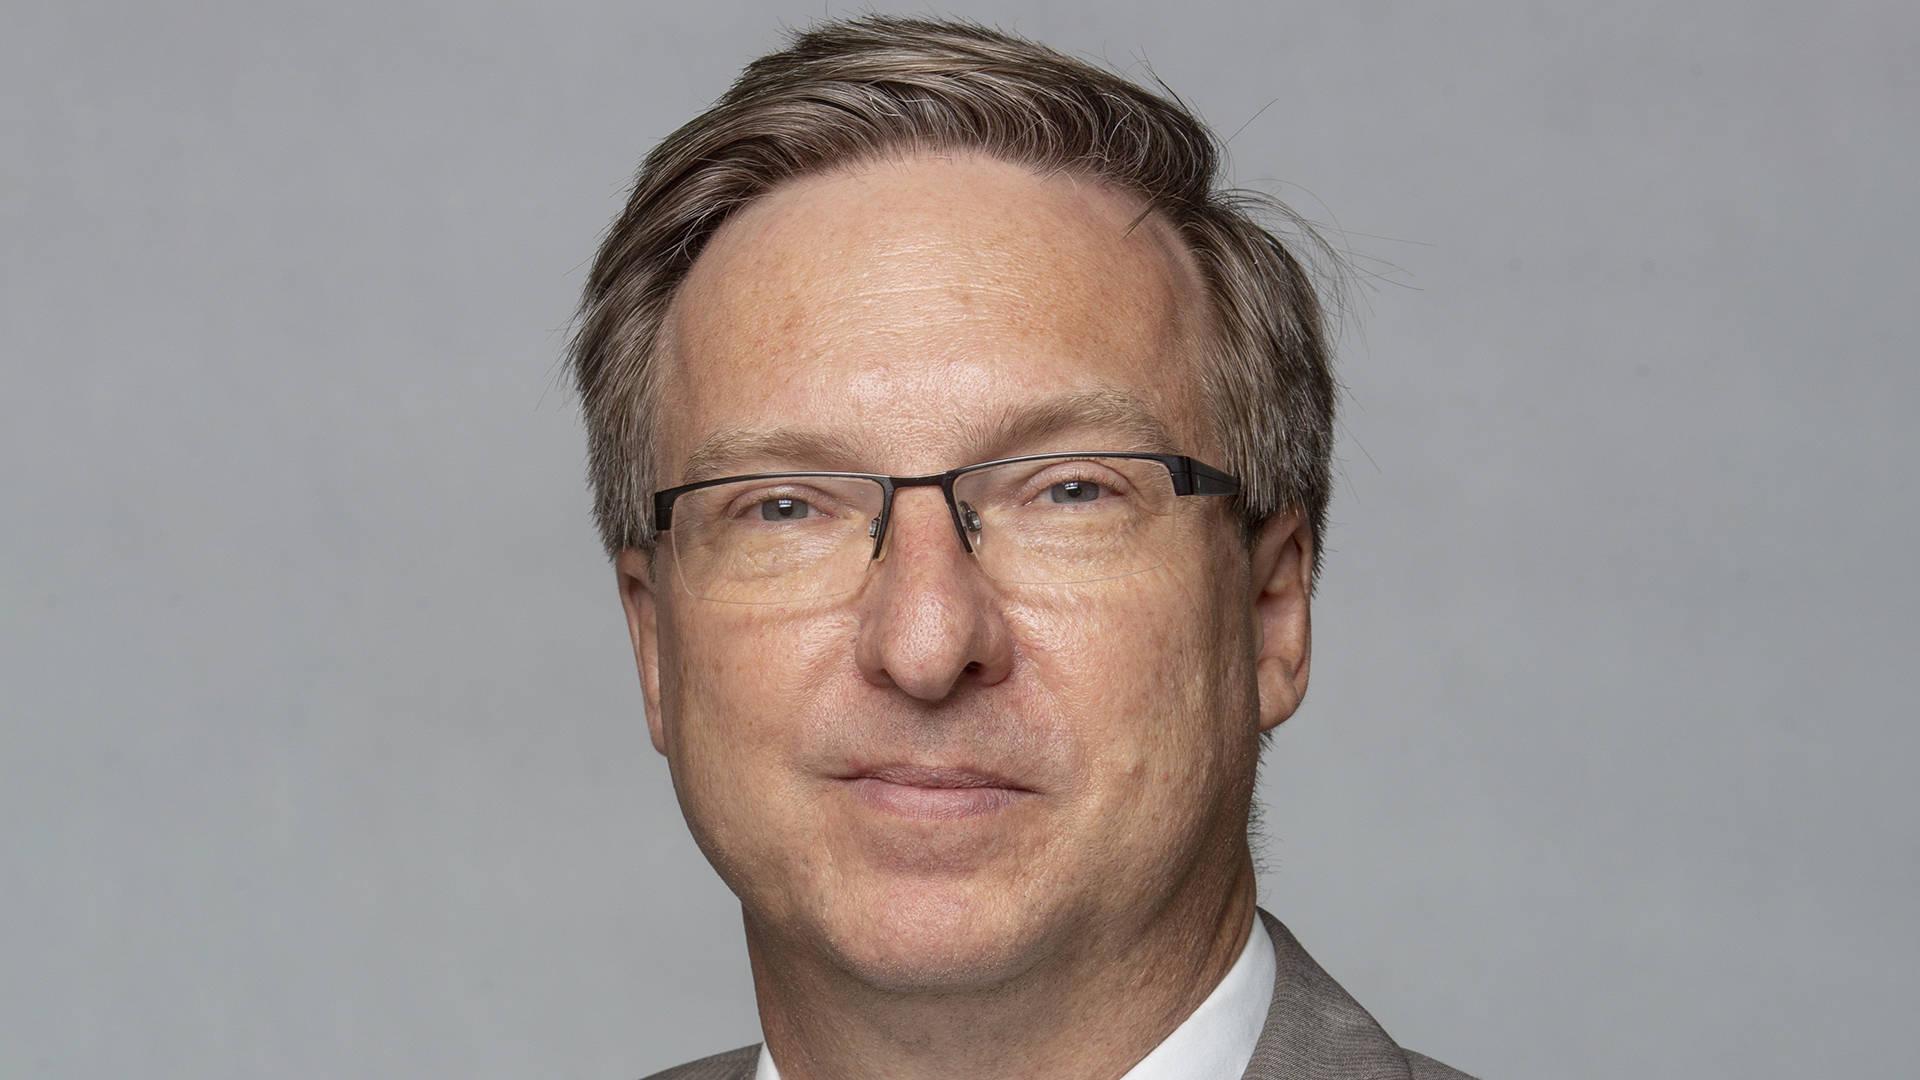 Marcio Weichert, Programmkoordinator des DWIH São Paulo